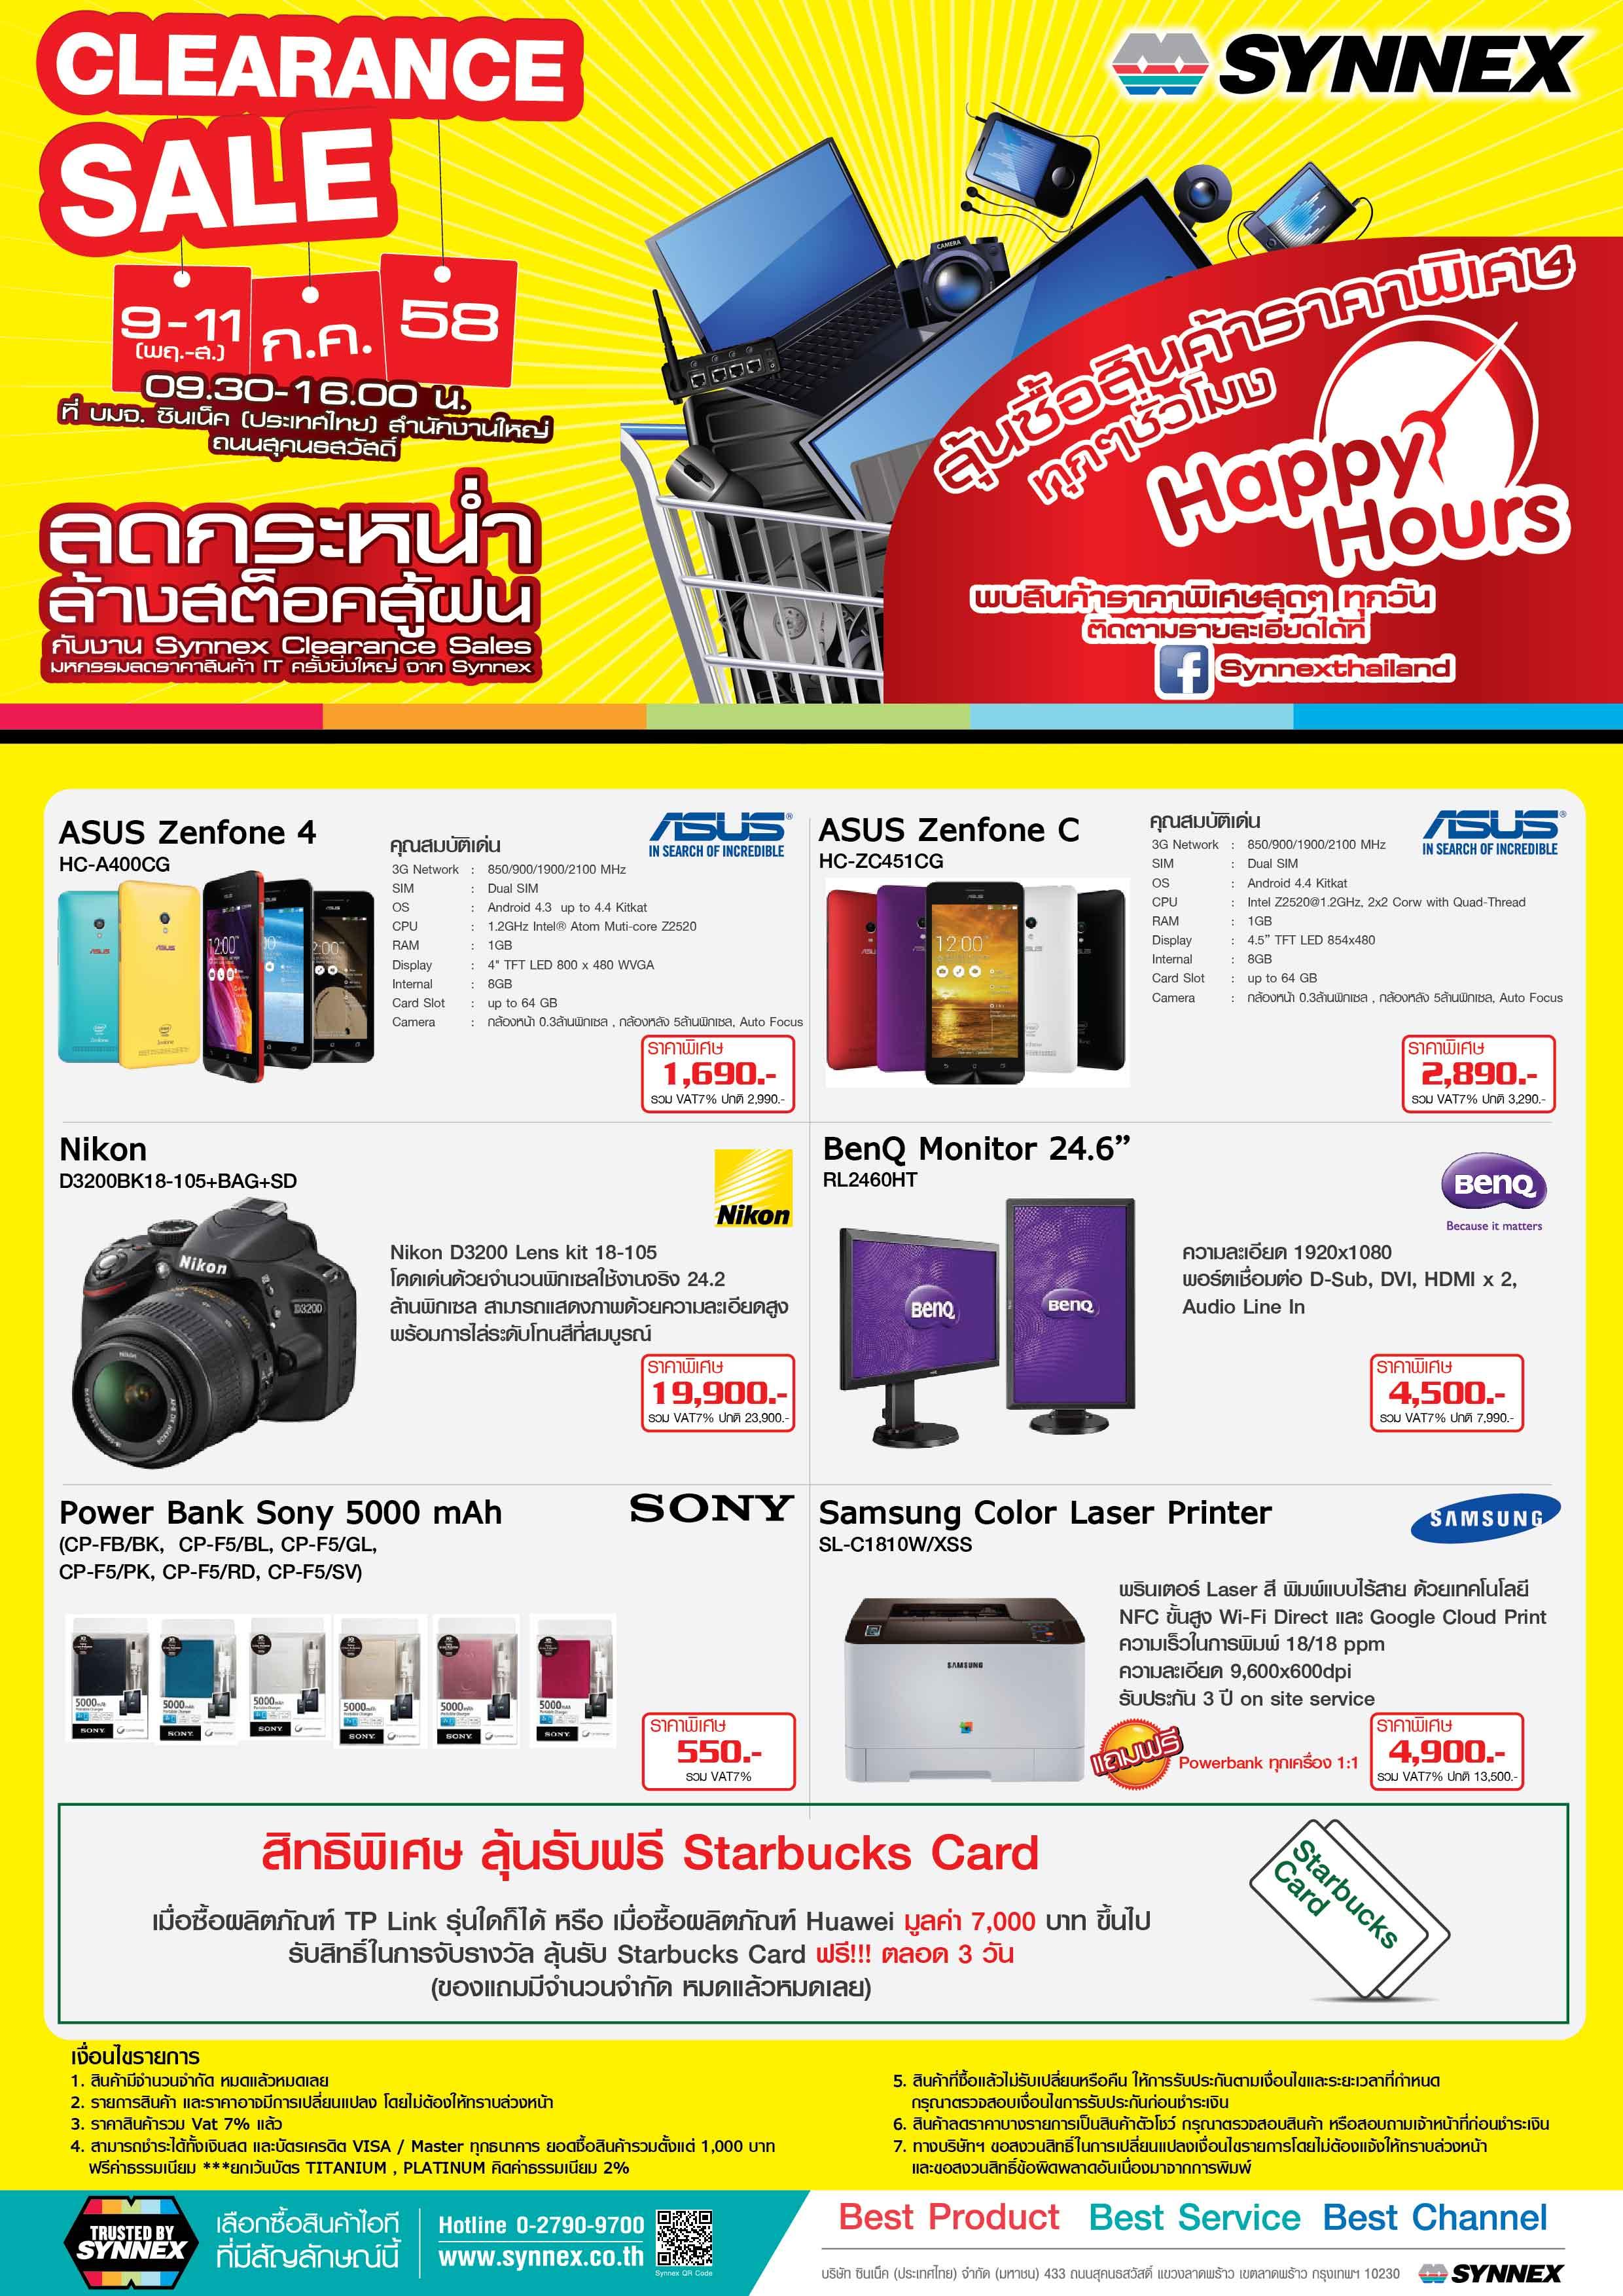 AW_Clearance Sale 2015_Brochure_A4-01